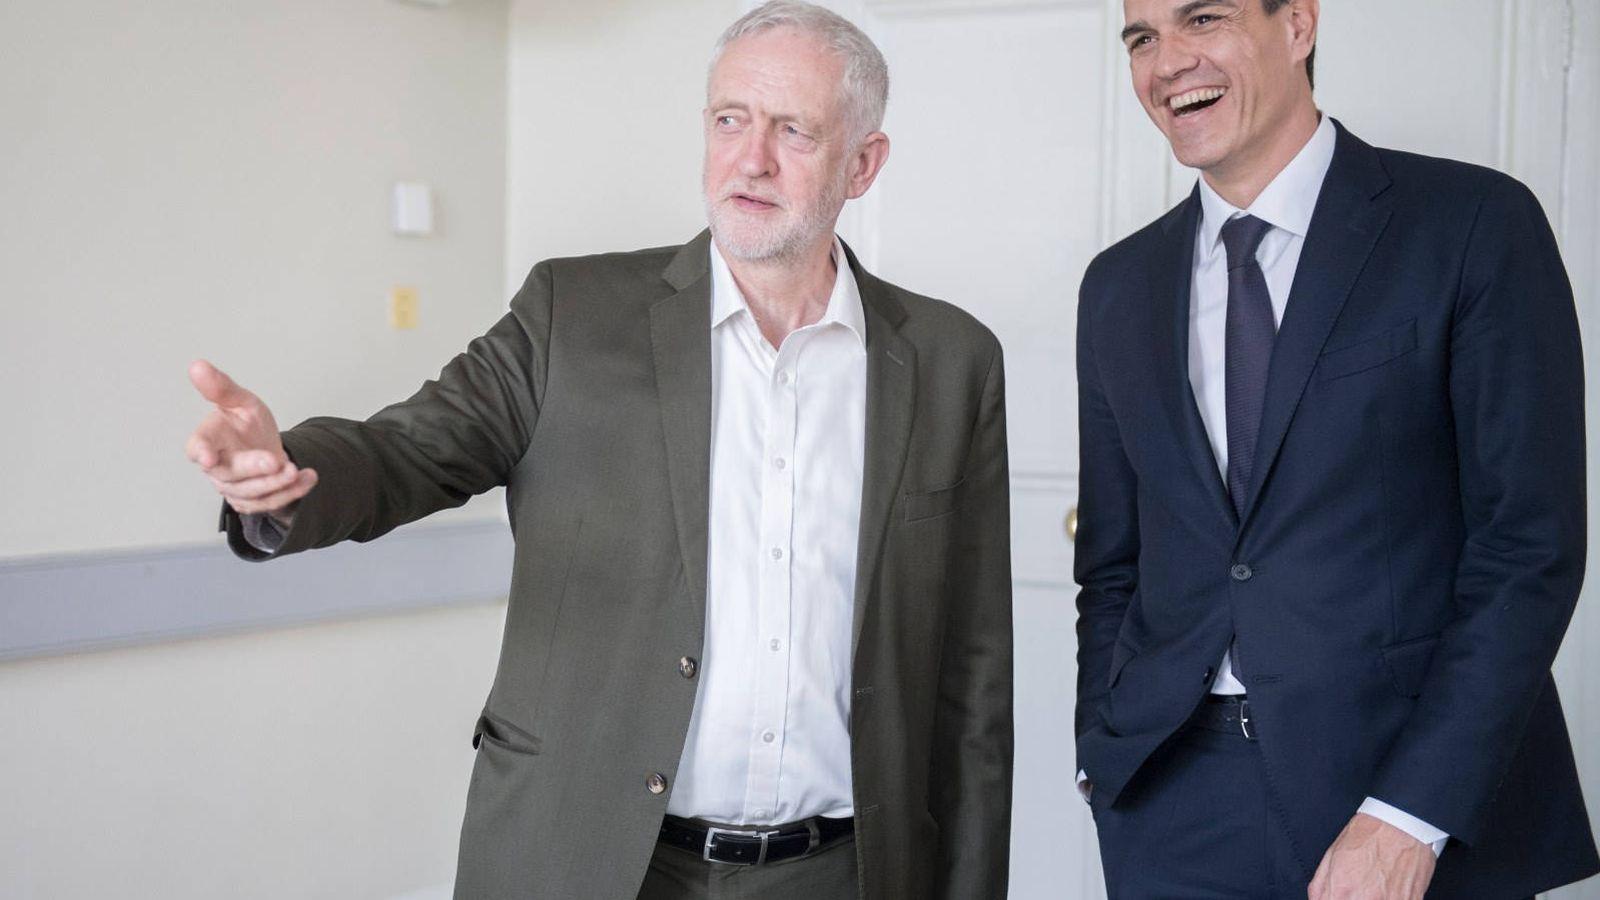 Foto: Pedro Sánchez con el líder laborista británico, Jeremy Corbyn, el pasado 8 de mayo en Londres. (Borja Puig | PSOE)